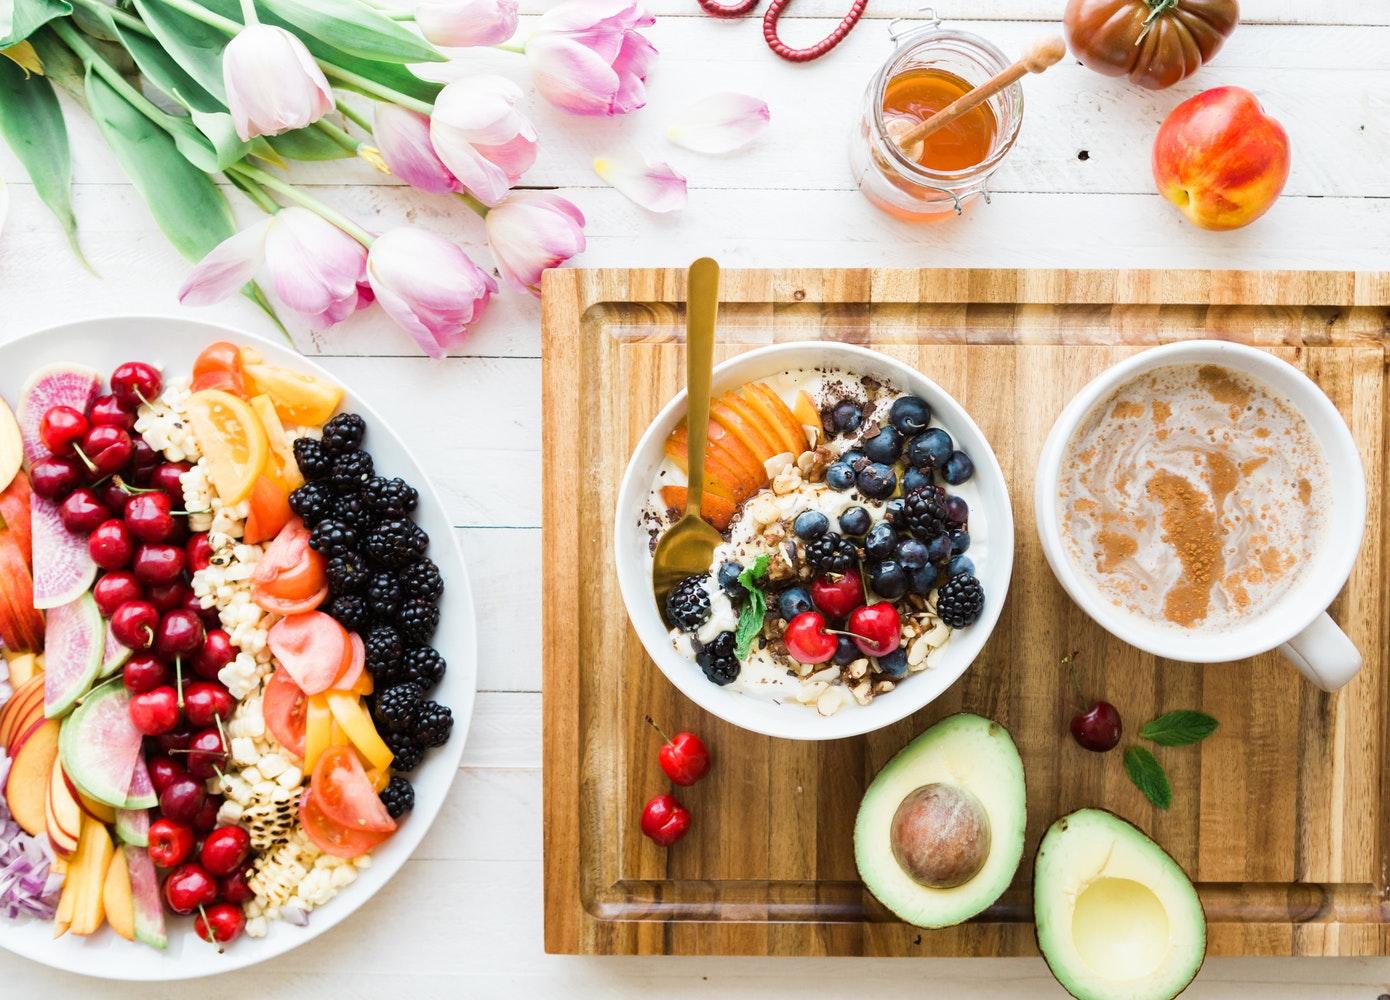 #KemakanMitos: Susu Dianggap Bisa Bikin Gemuk, Benar Gak Sih?